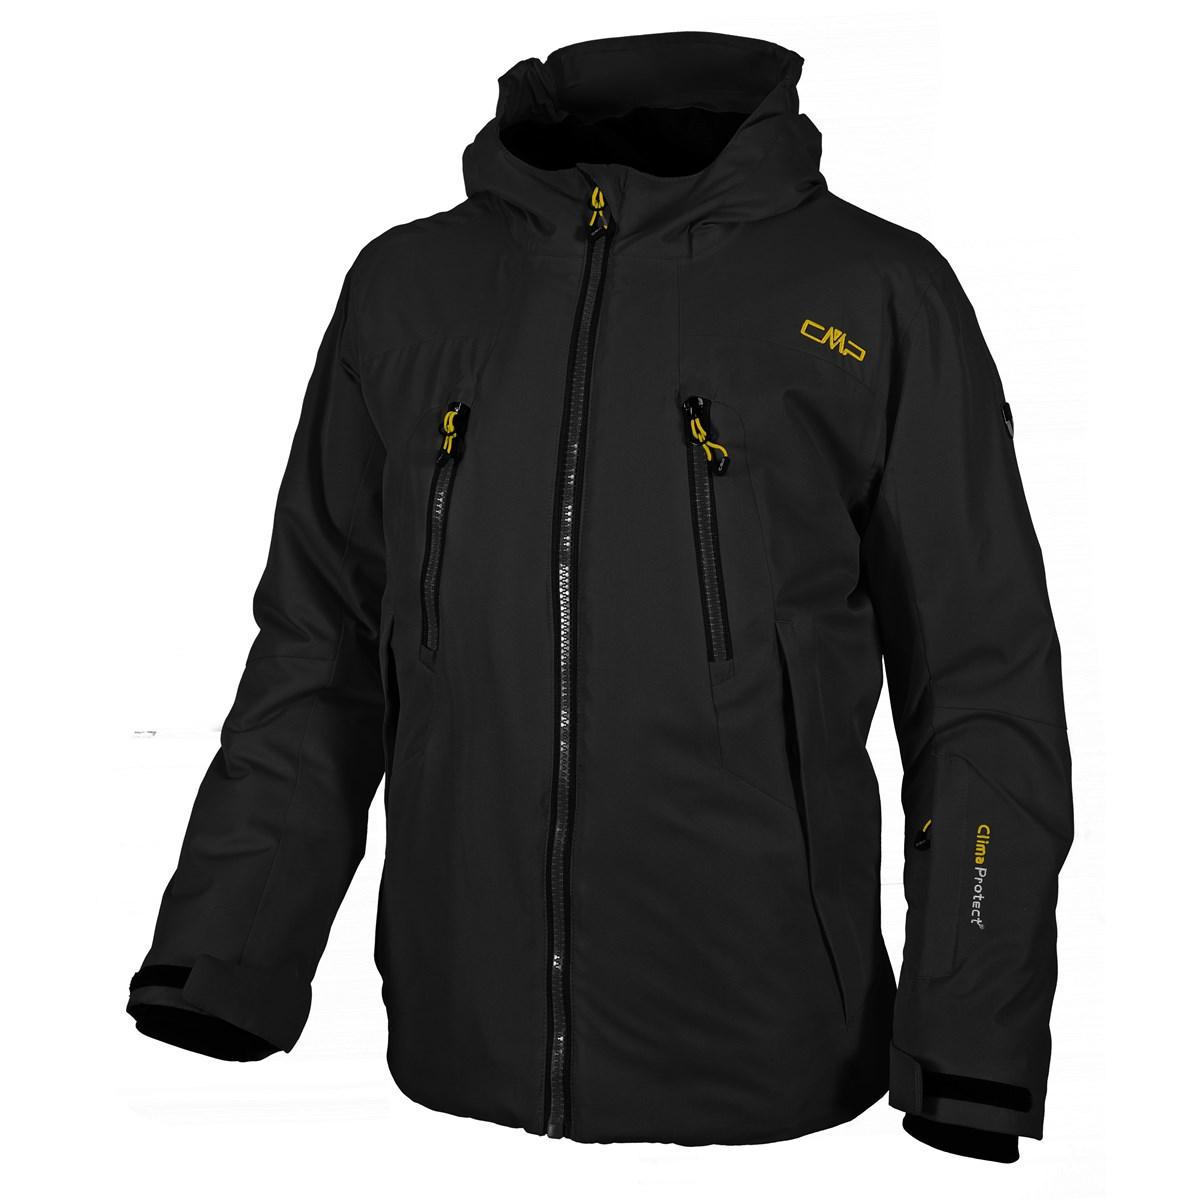 82bed78b6 Campagnolo Morgan Boys Ski Jacket Black